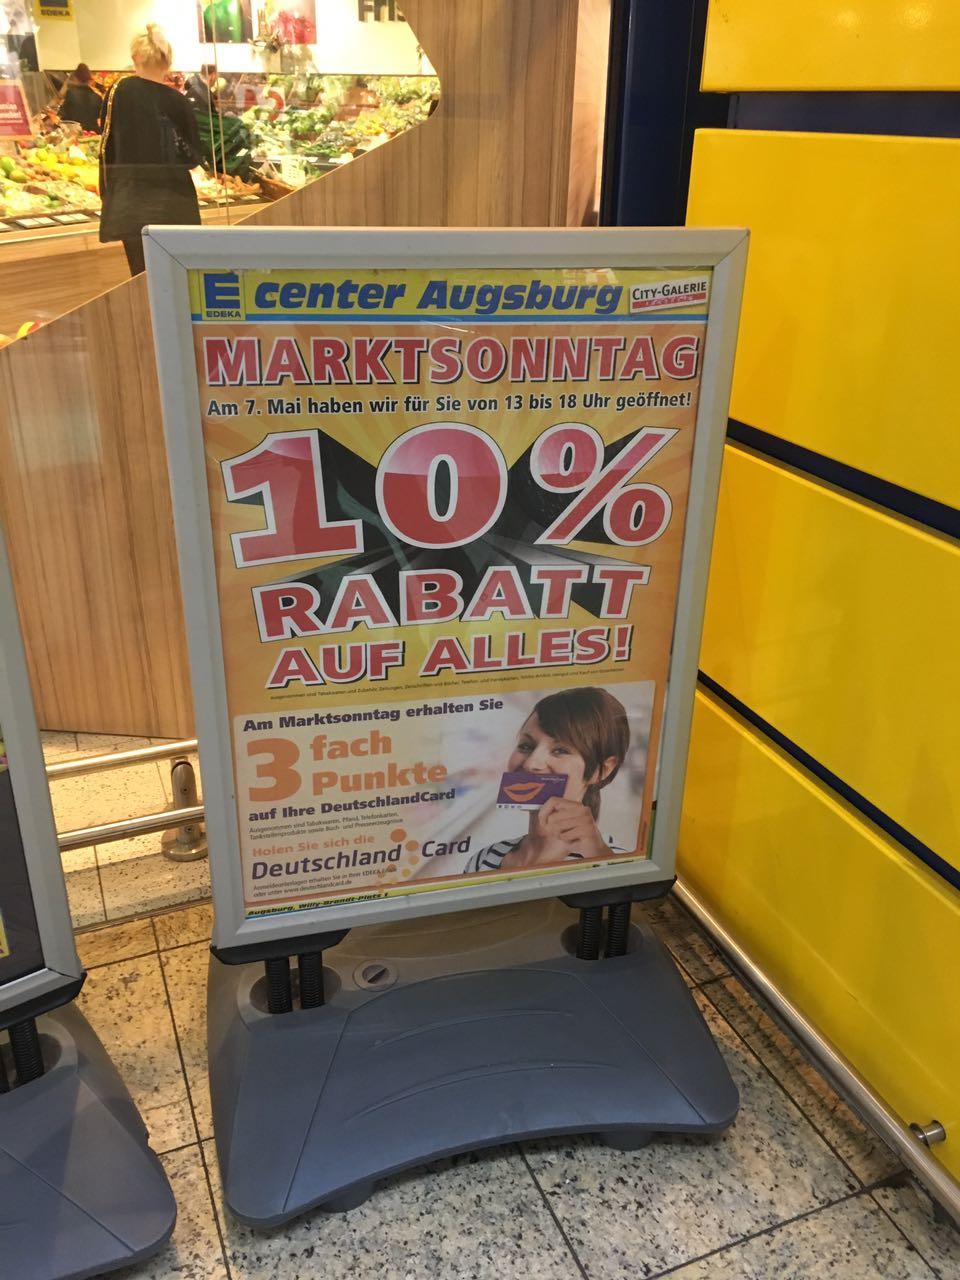 [Lokal Augsburg + Berlin] Edeka Center 10% auf alles + 3 Fach DeutschlandCard Punkte am 7.5.2017